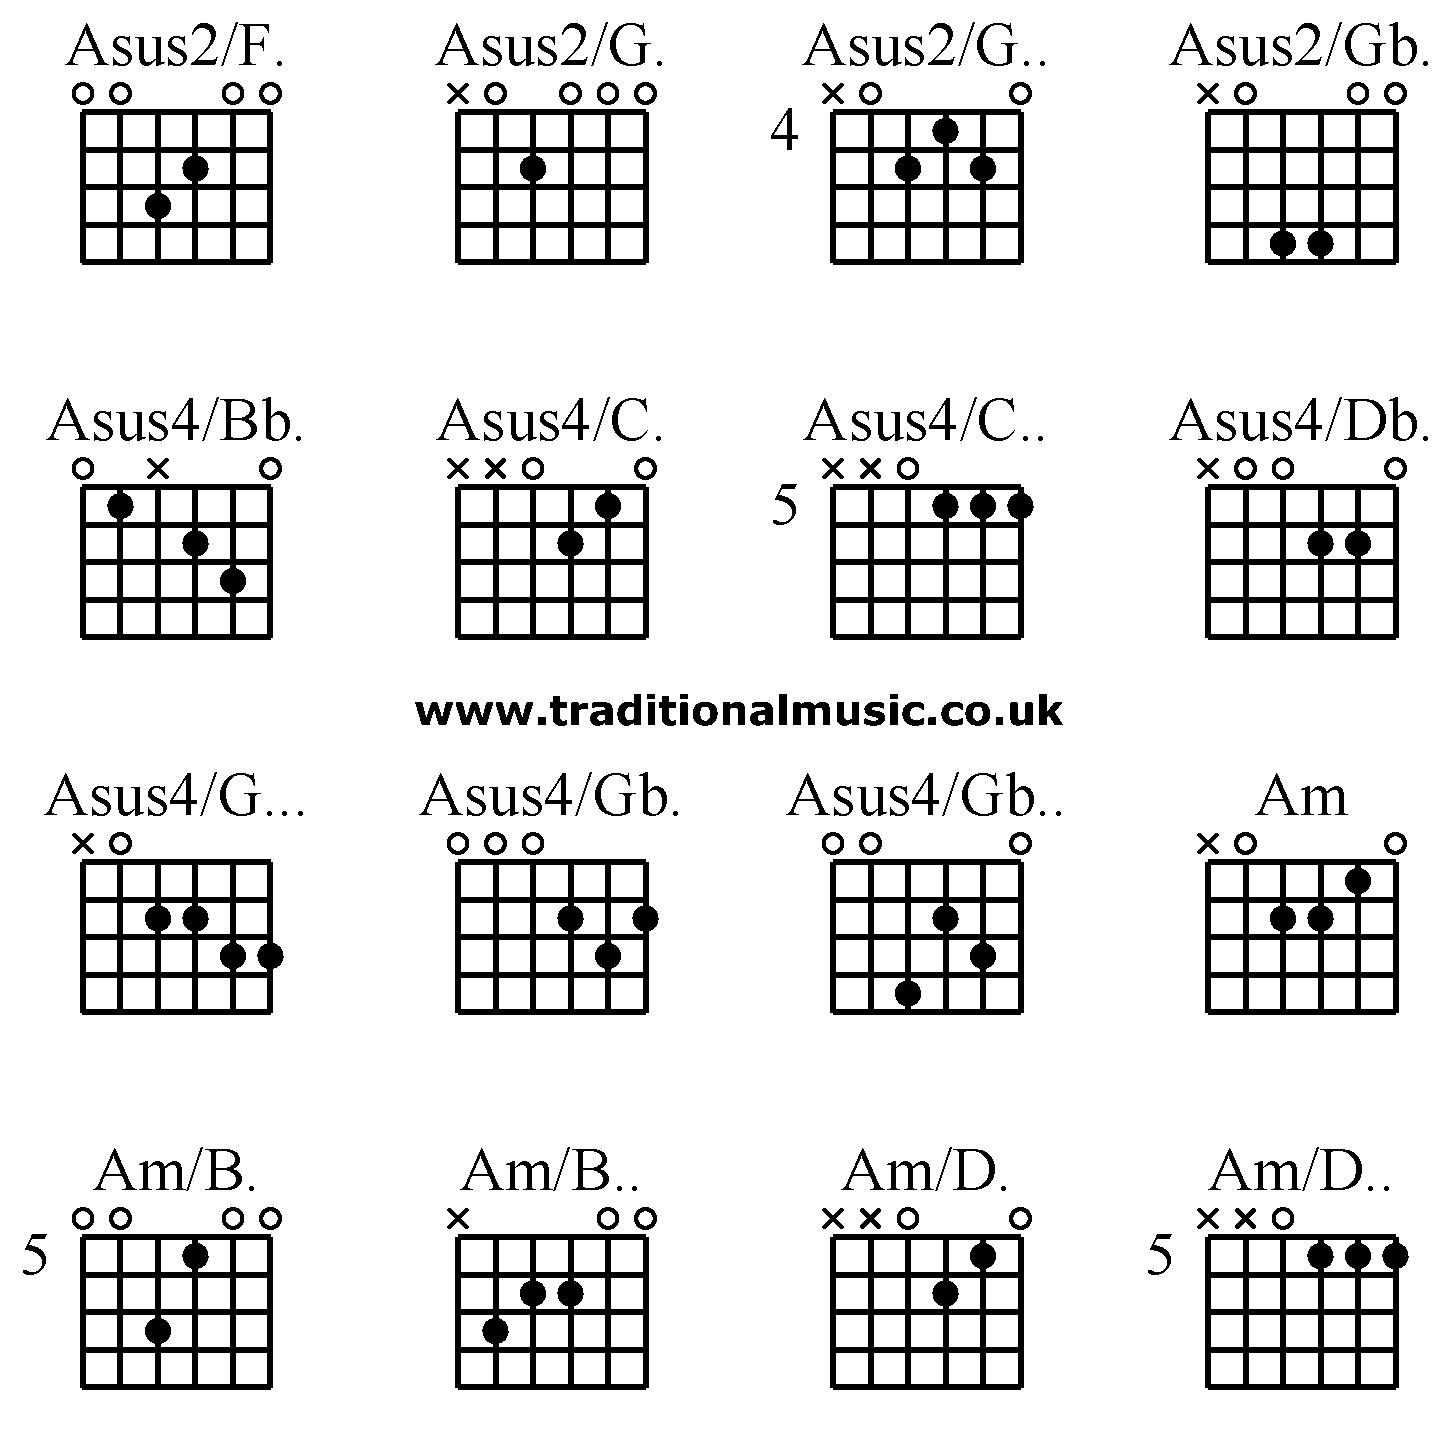 asus chord diagram